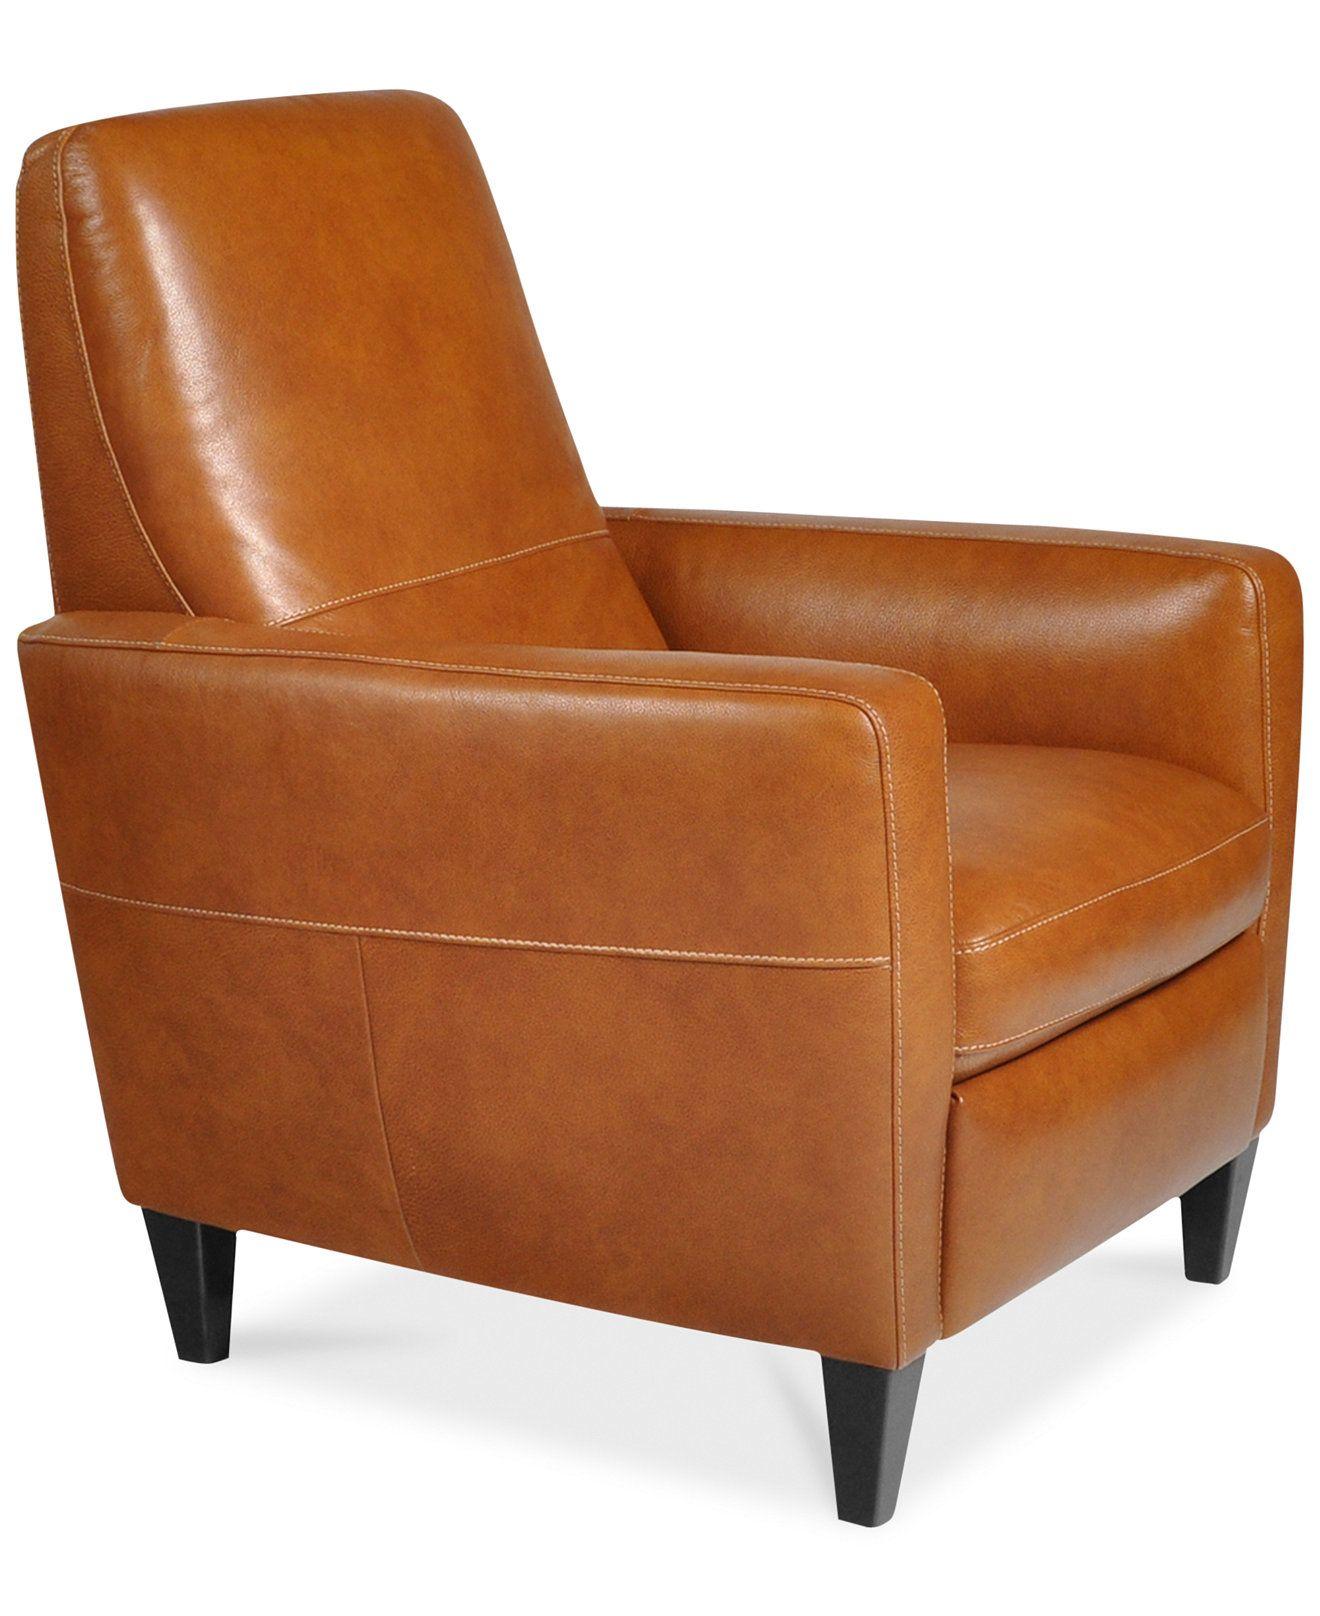 Club Chair Recliner